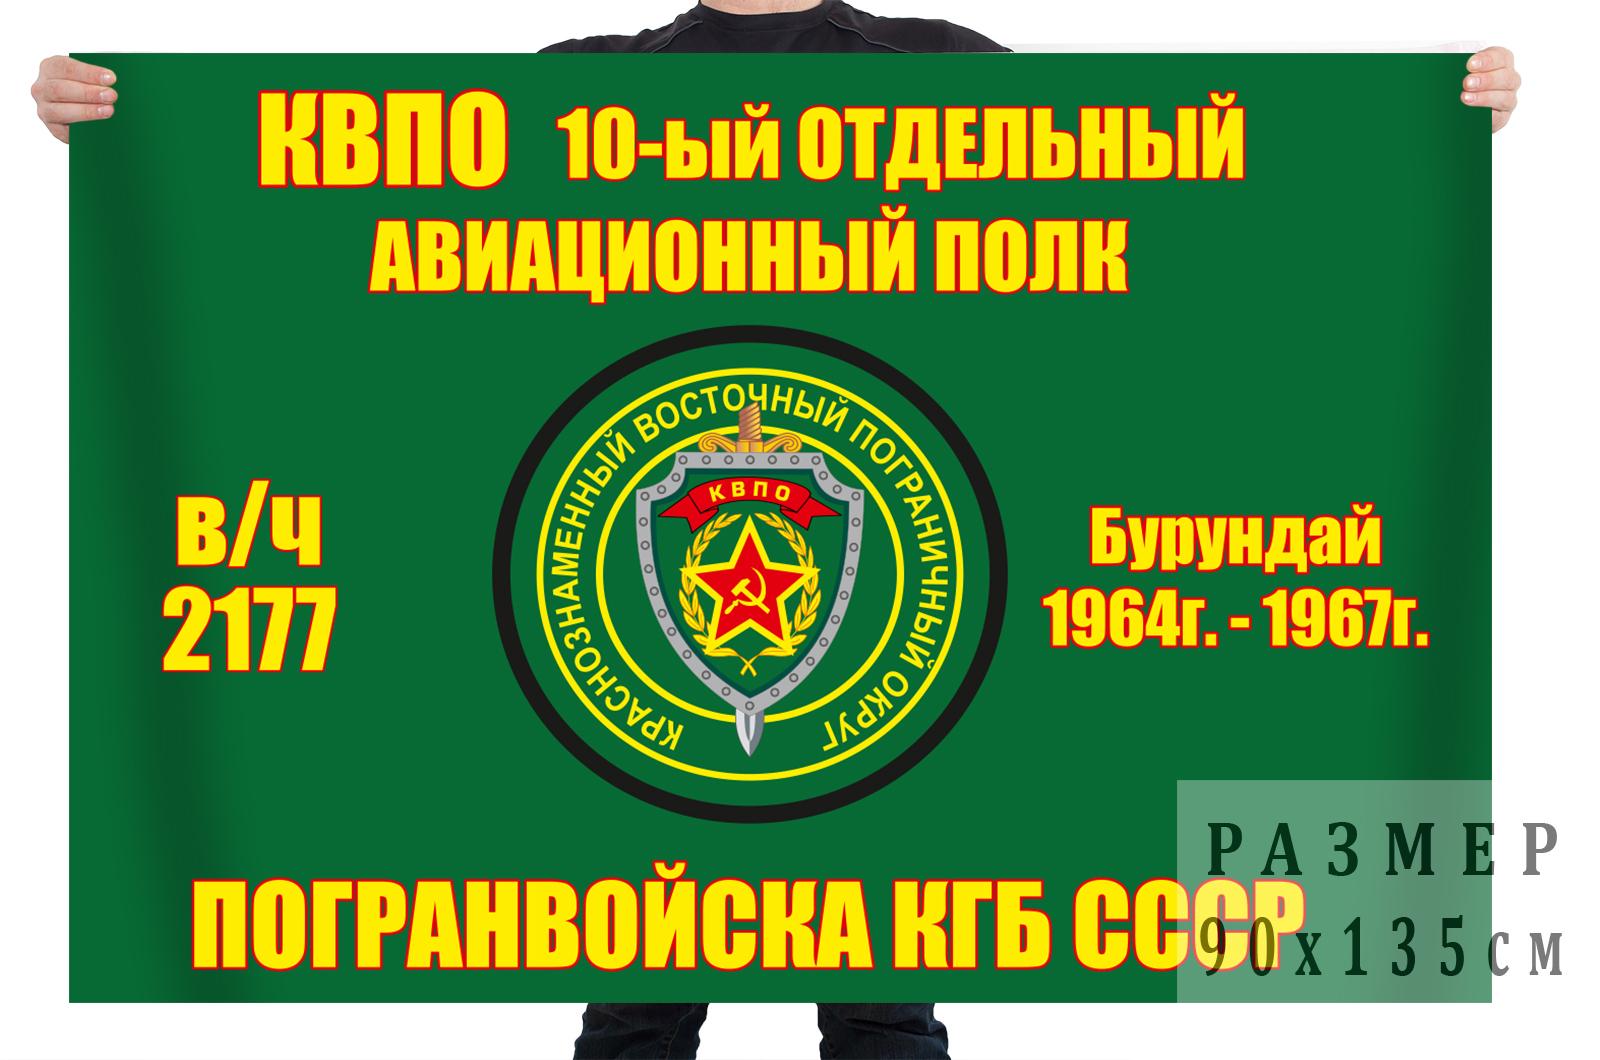 Флаг 10 отдельного авиаполка погранвойск КГБ СССР